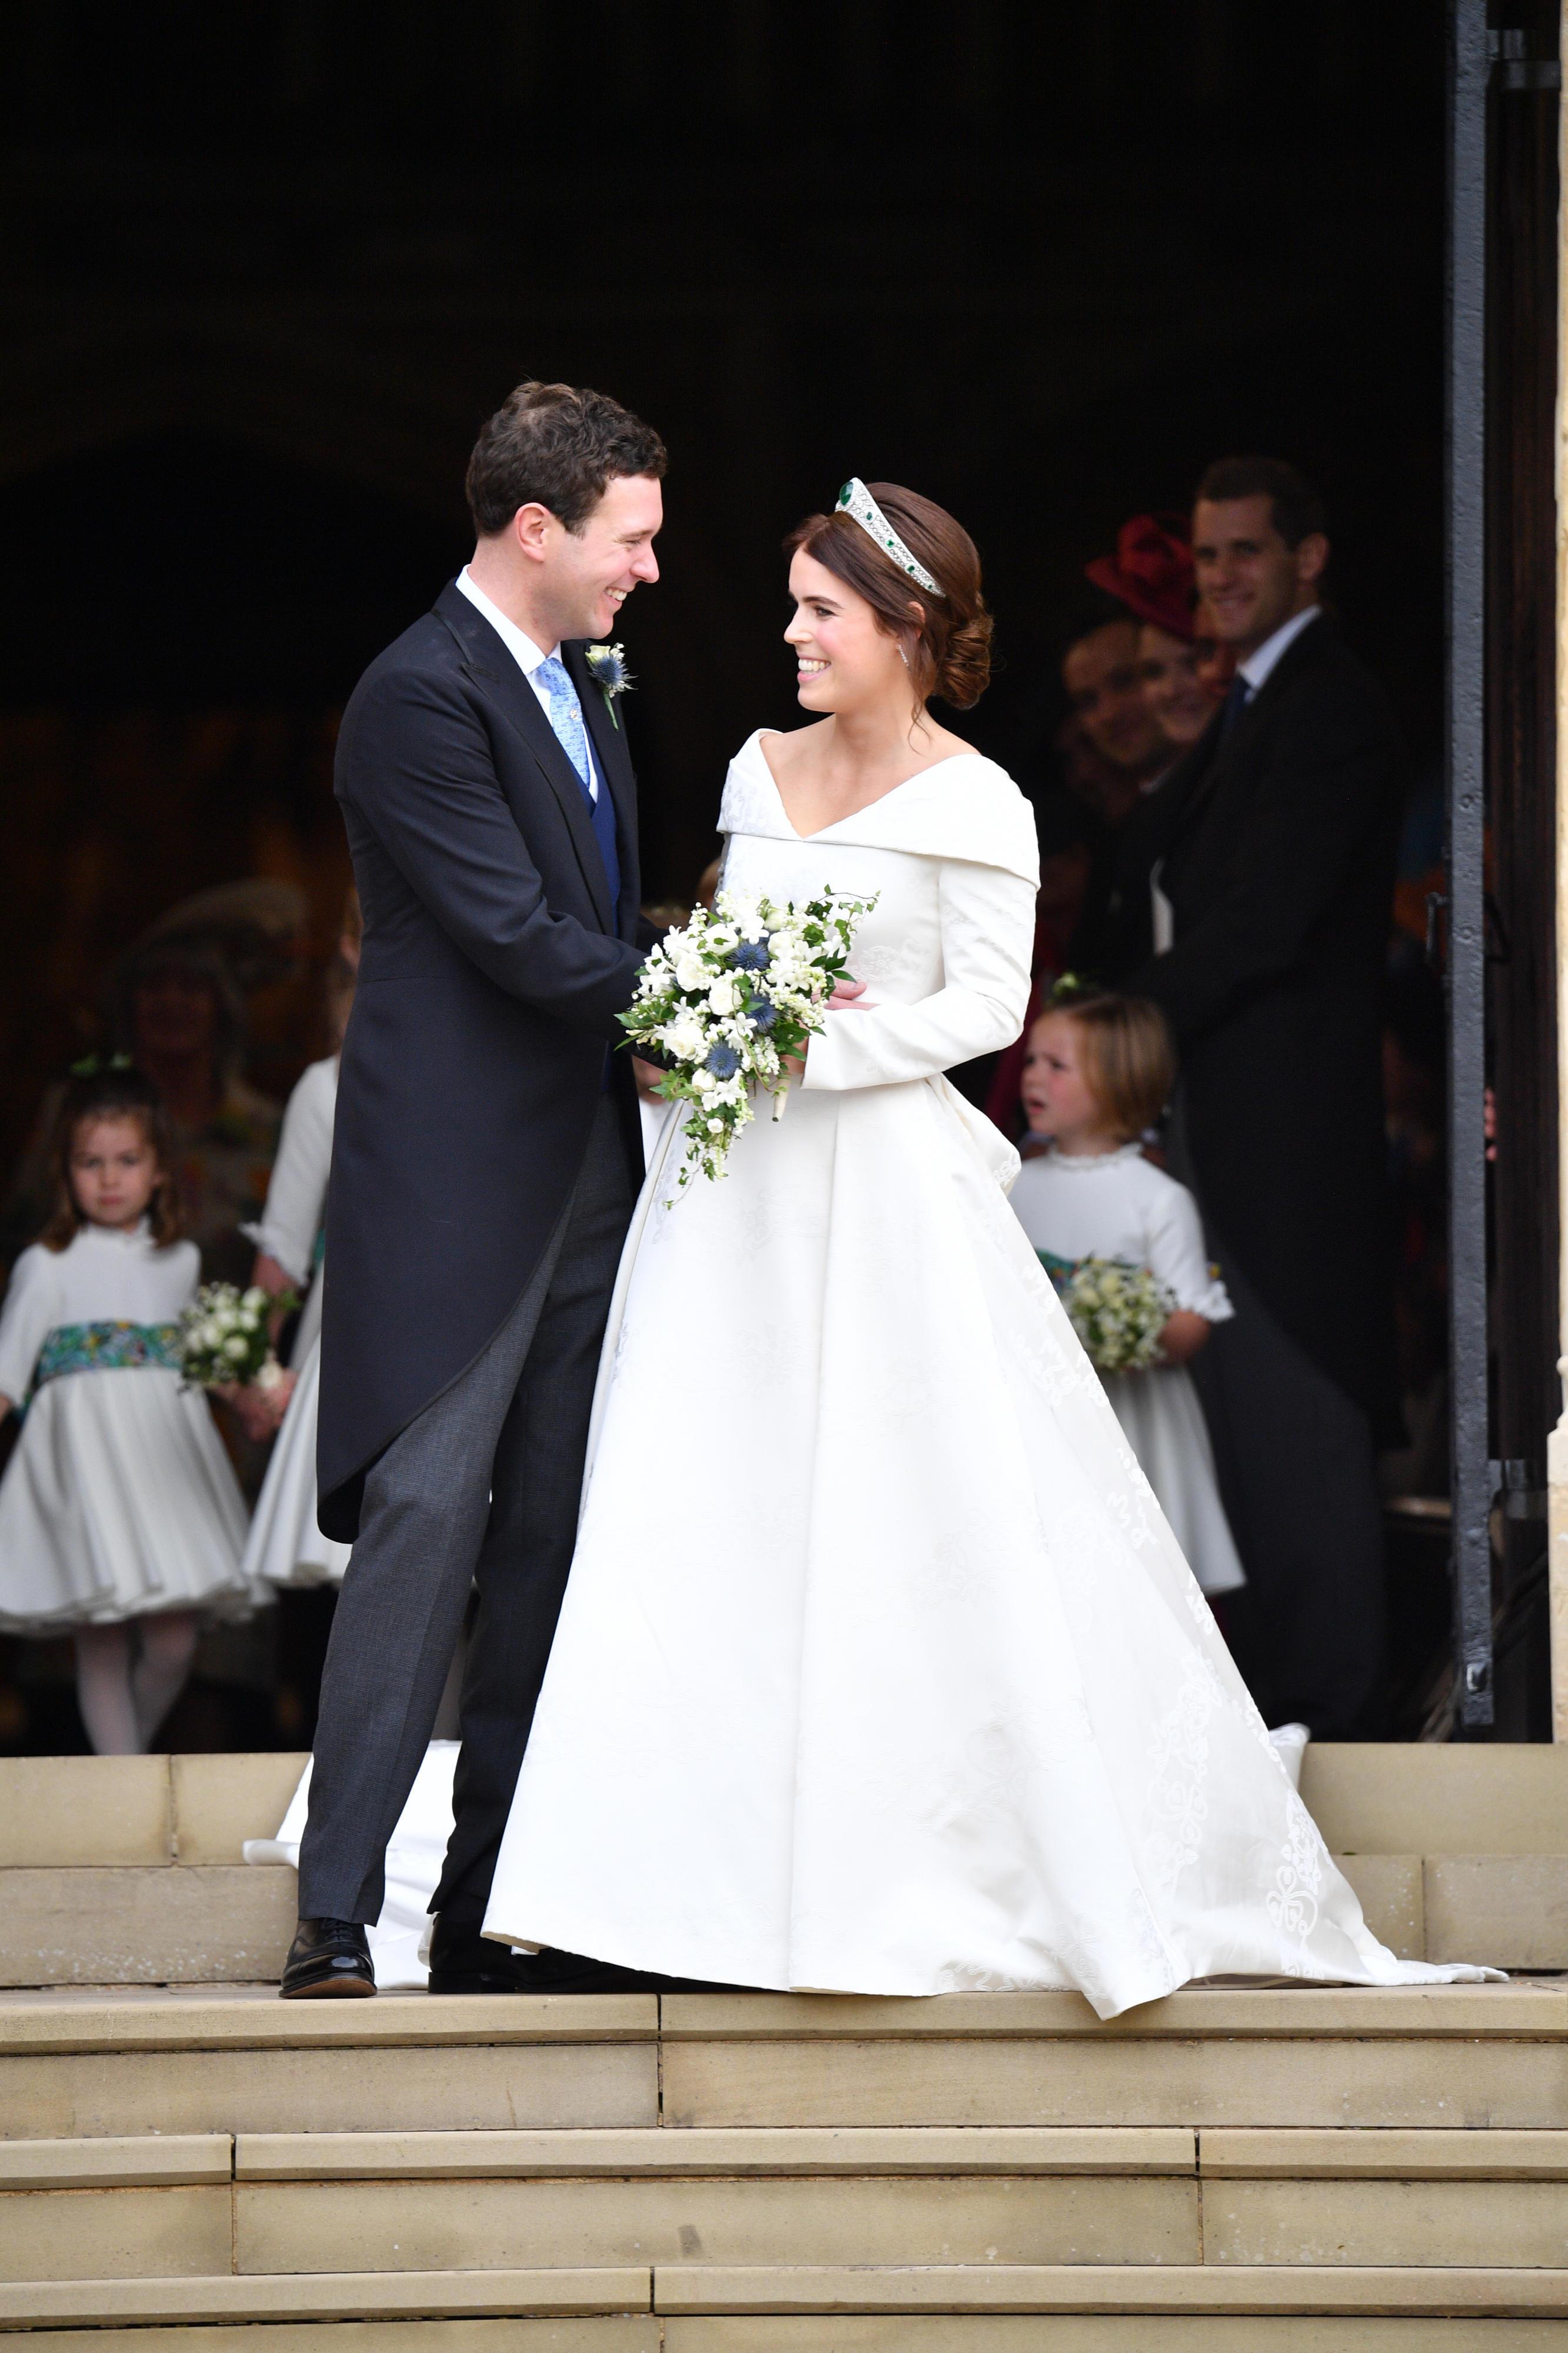 Jack Brooksbank und Prinzessin Eugenie am Tag ihrer Hochzeit